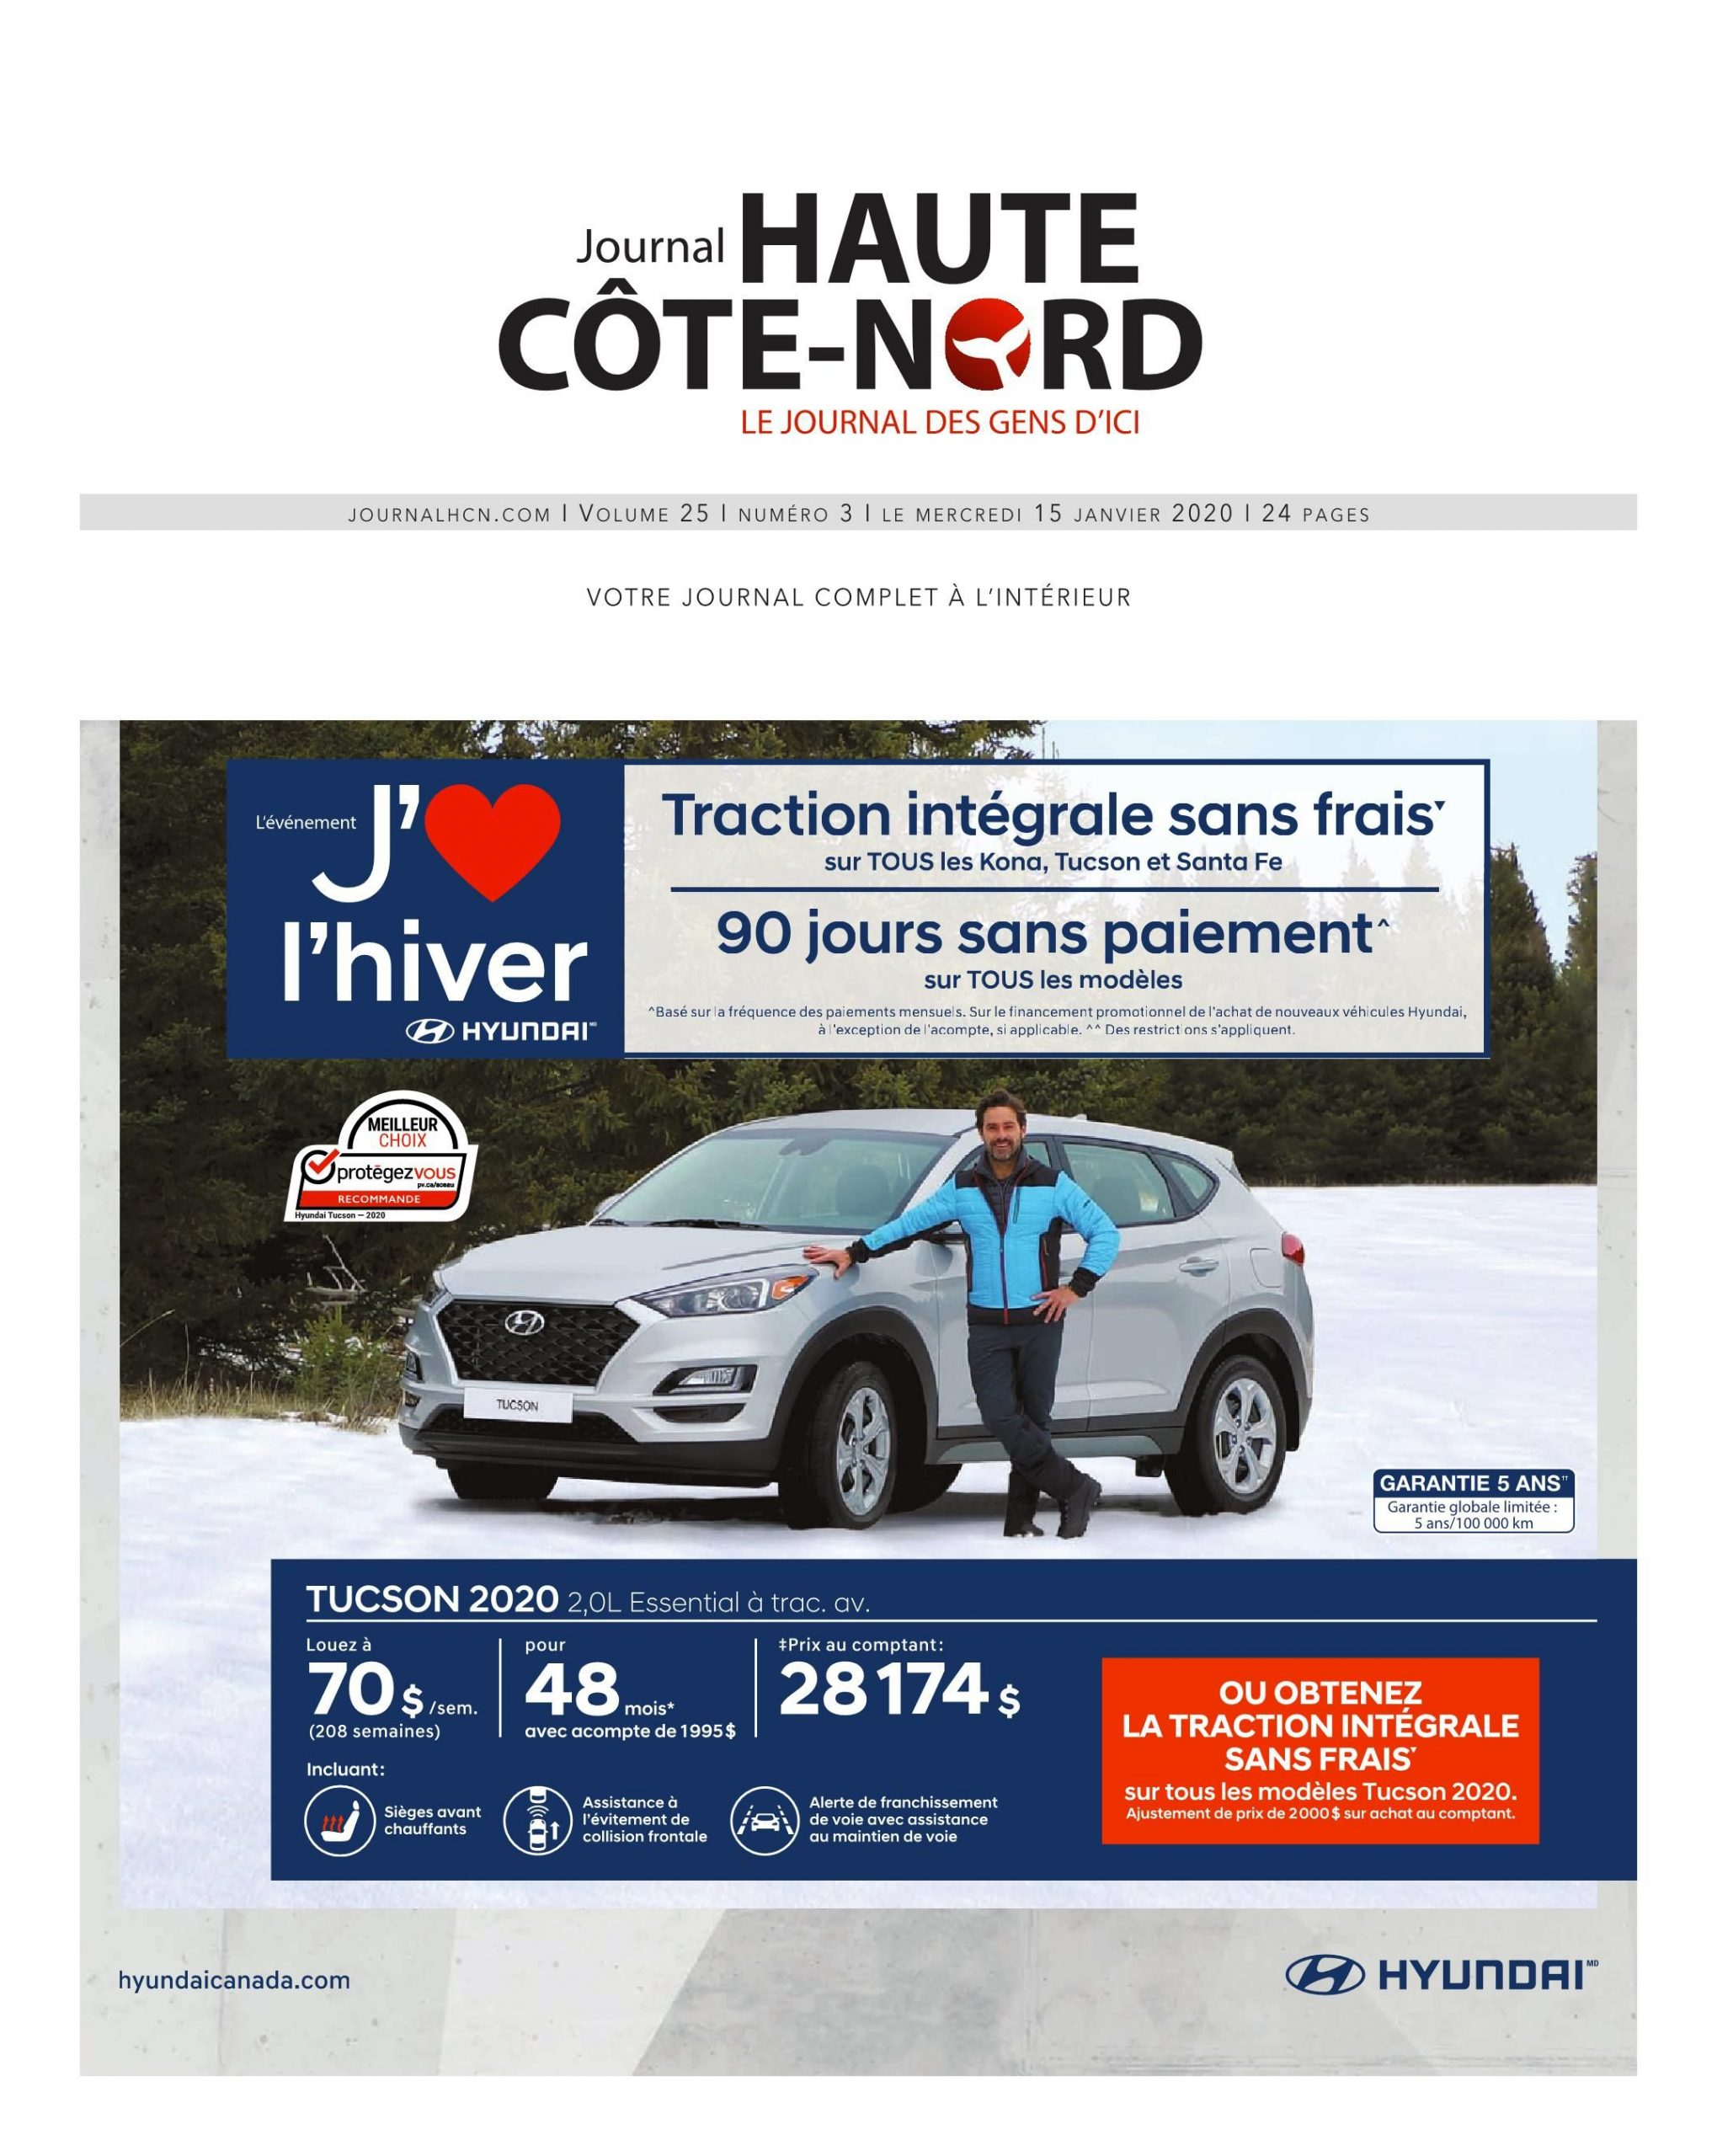 Le Haute-Côte-Nord 15 Janvier 2020 Pages 1 - 24 - Text encequiconcerne Sudoku Gratuit Enfant